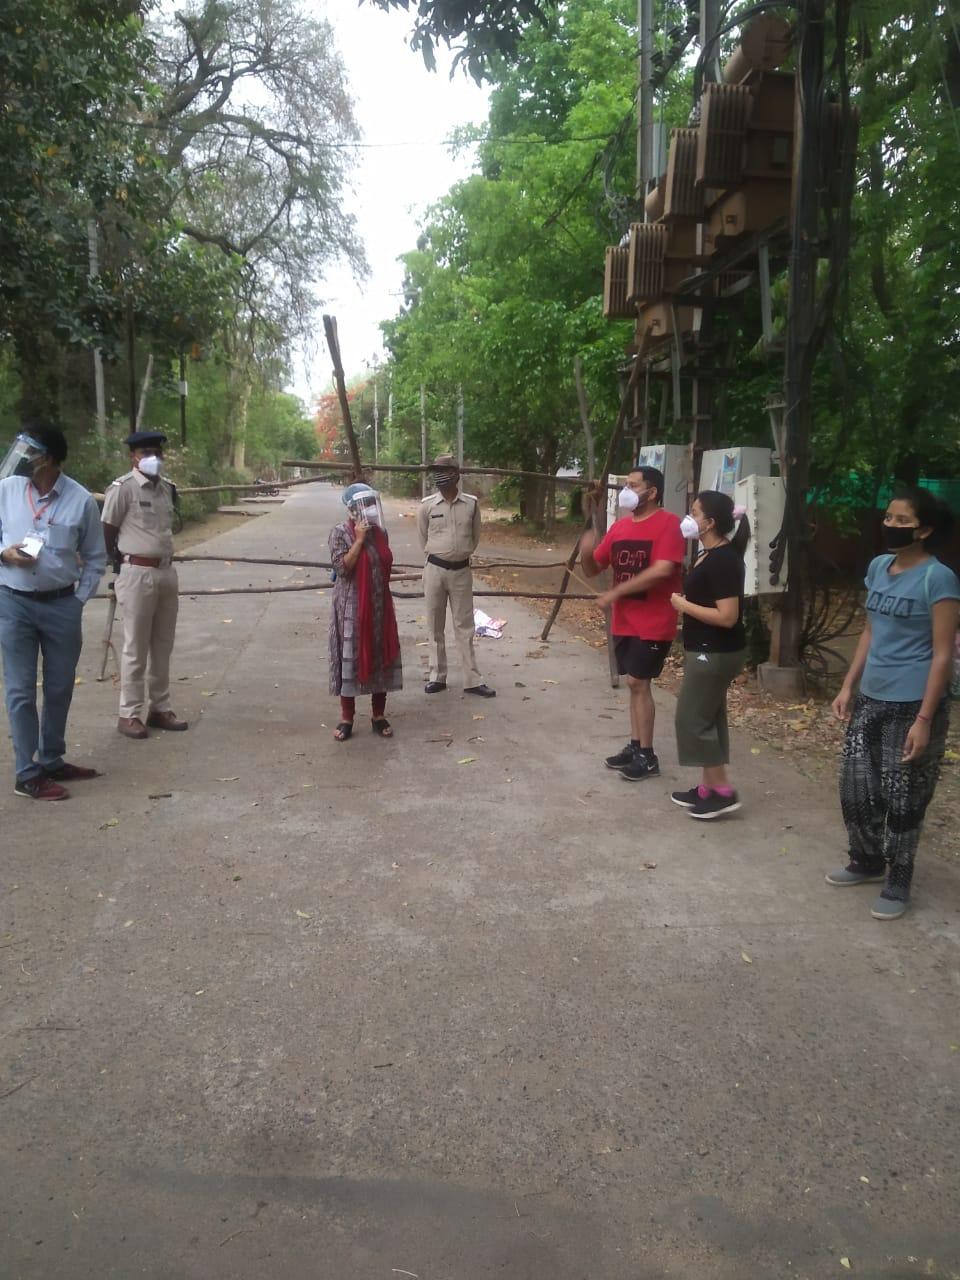 कलेक्टोरेट का संक्रमित बाबू शक्तिभवन के पास घूमता मिला, पुलिस ने चालान काटा, तब बोला- वह पॉजिटिव है जबलपुर,Jabalpur - Dainik Bhaskar